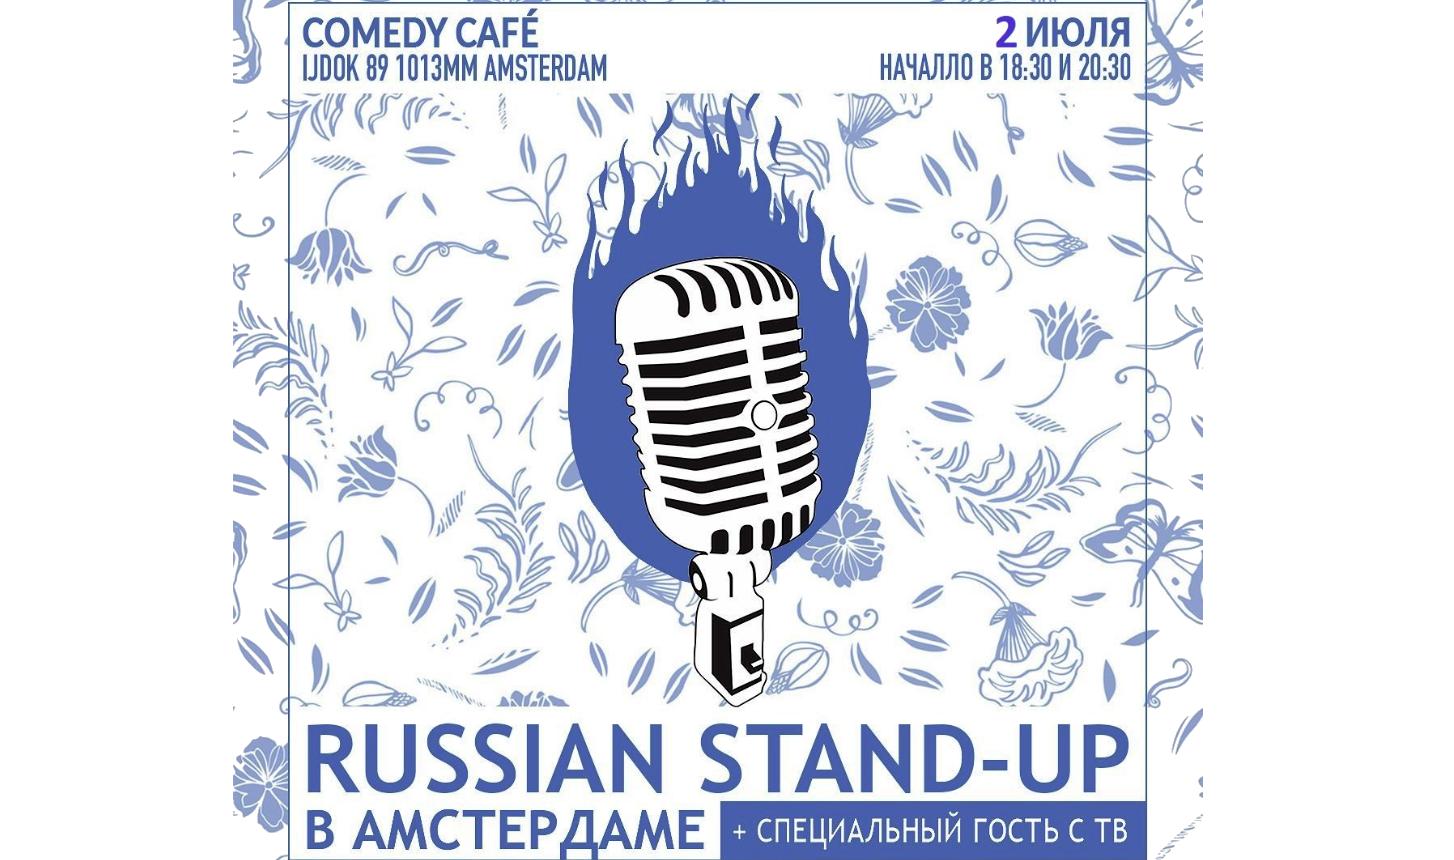 2 ИЮЛЯ 2021 – Большой Русскоязычный Stand-Up